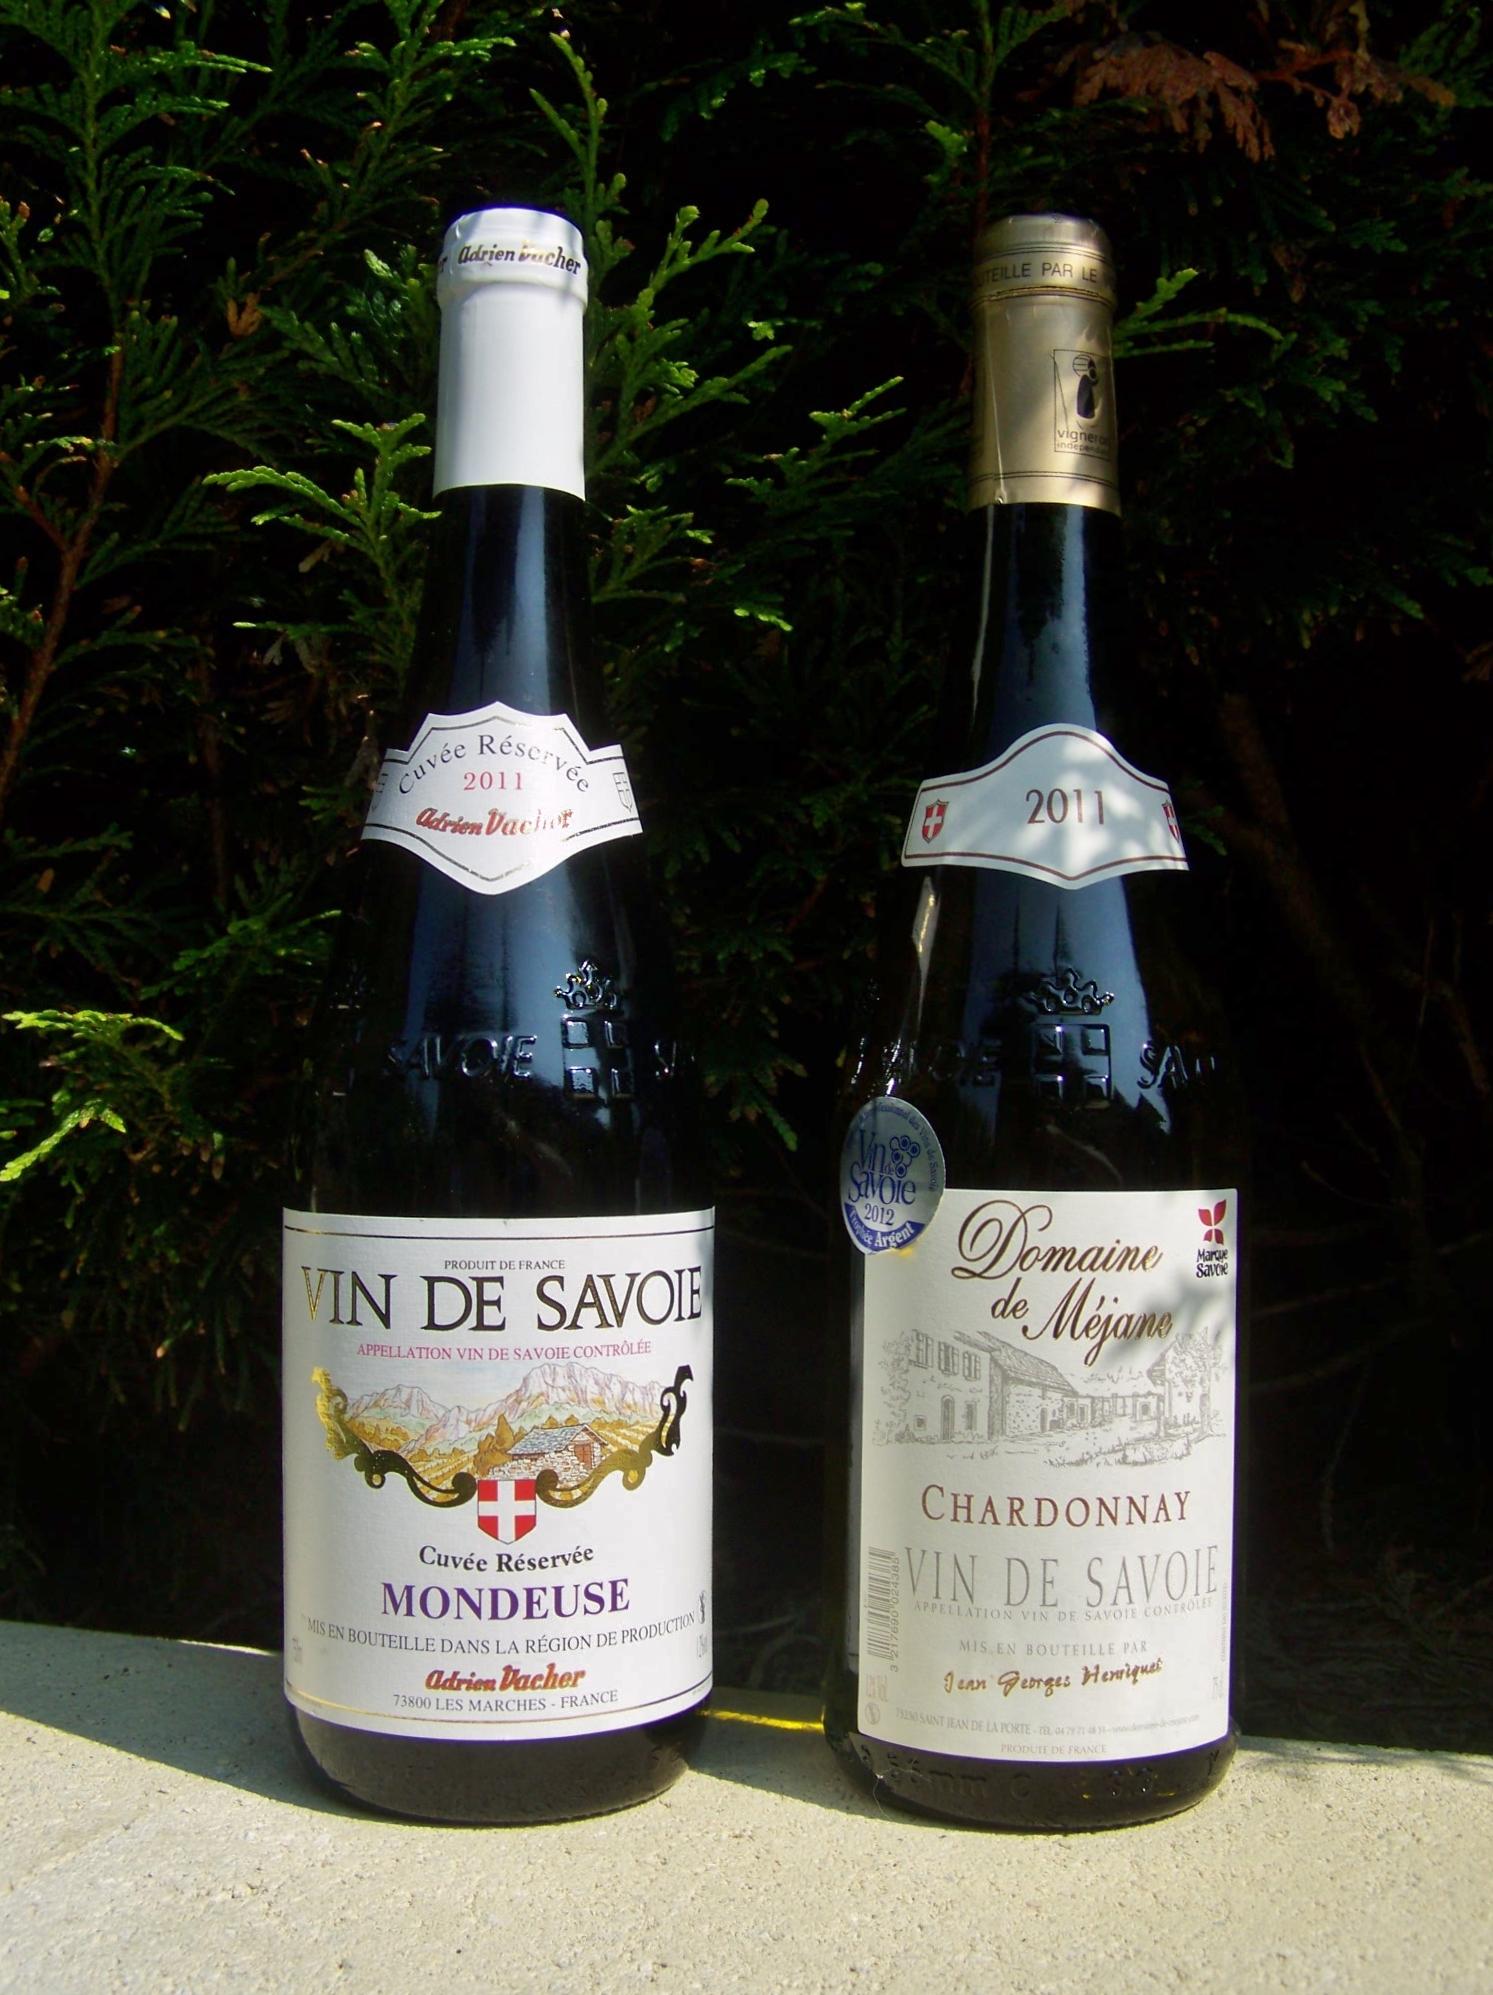 Gateau de savoie cuisine et vins de france les recettes for Cuisine et vins de france